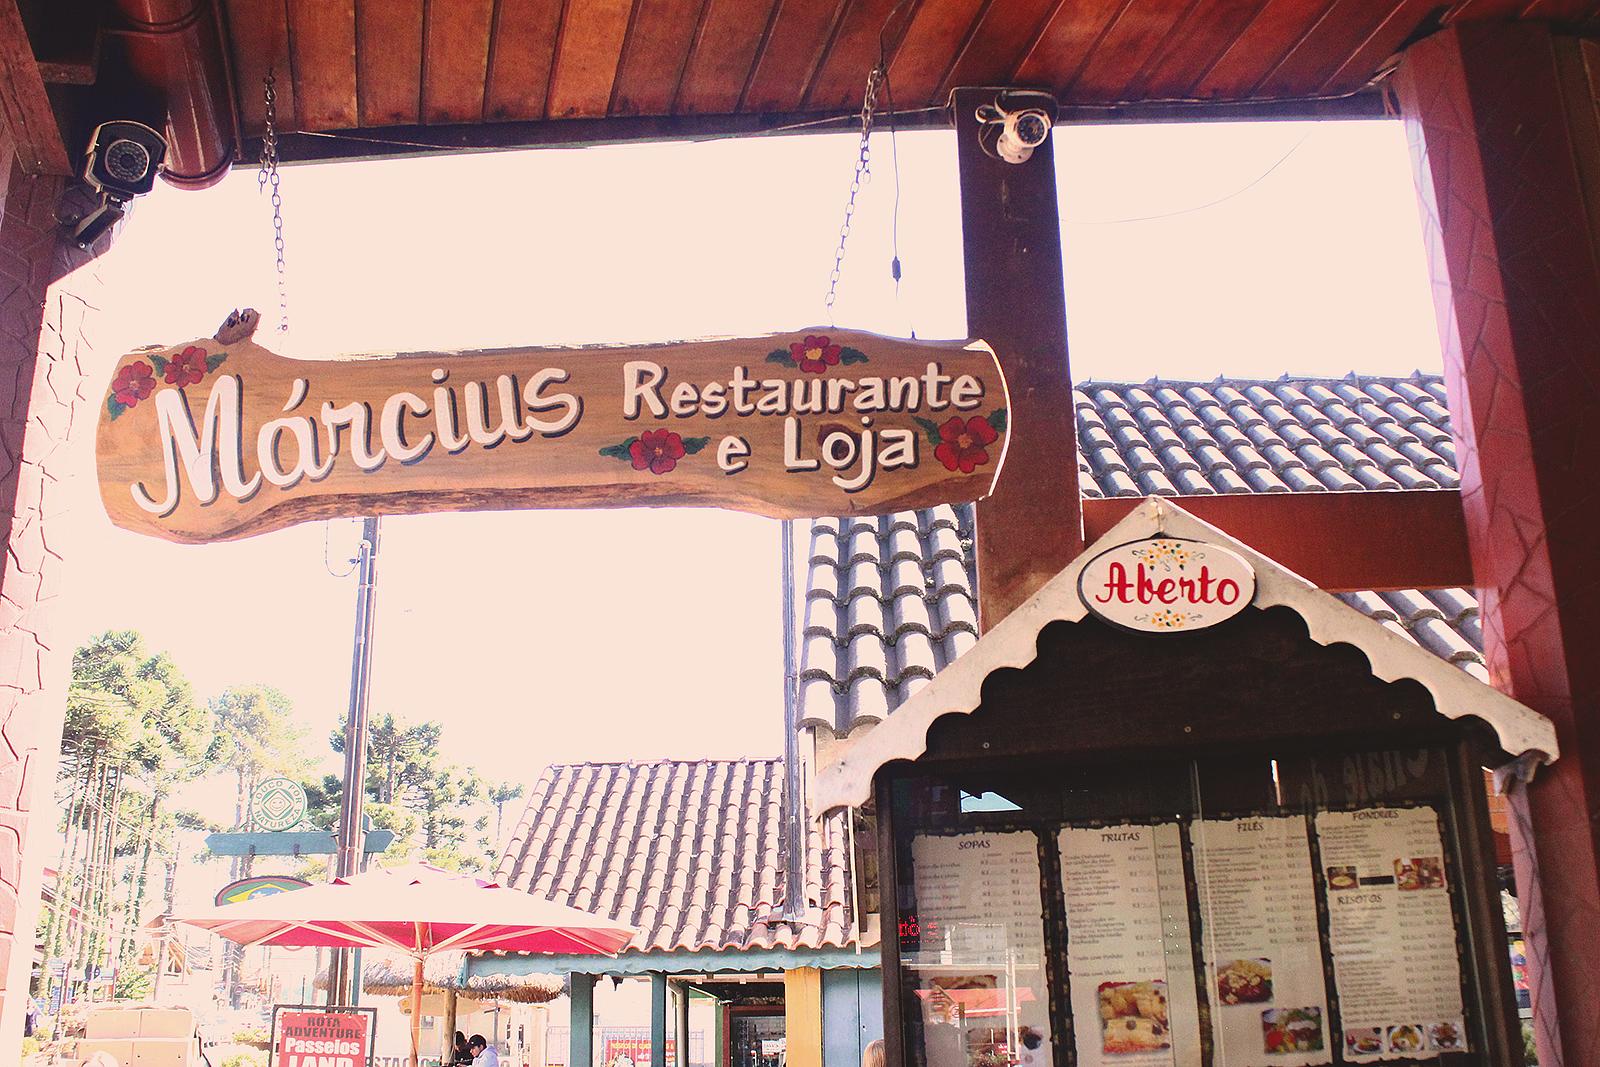 placa restaurante marcius